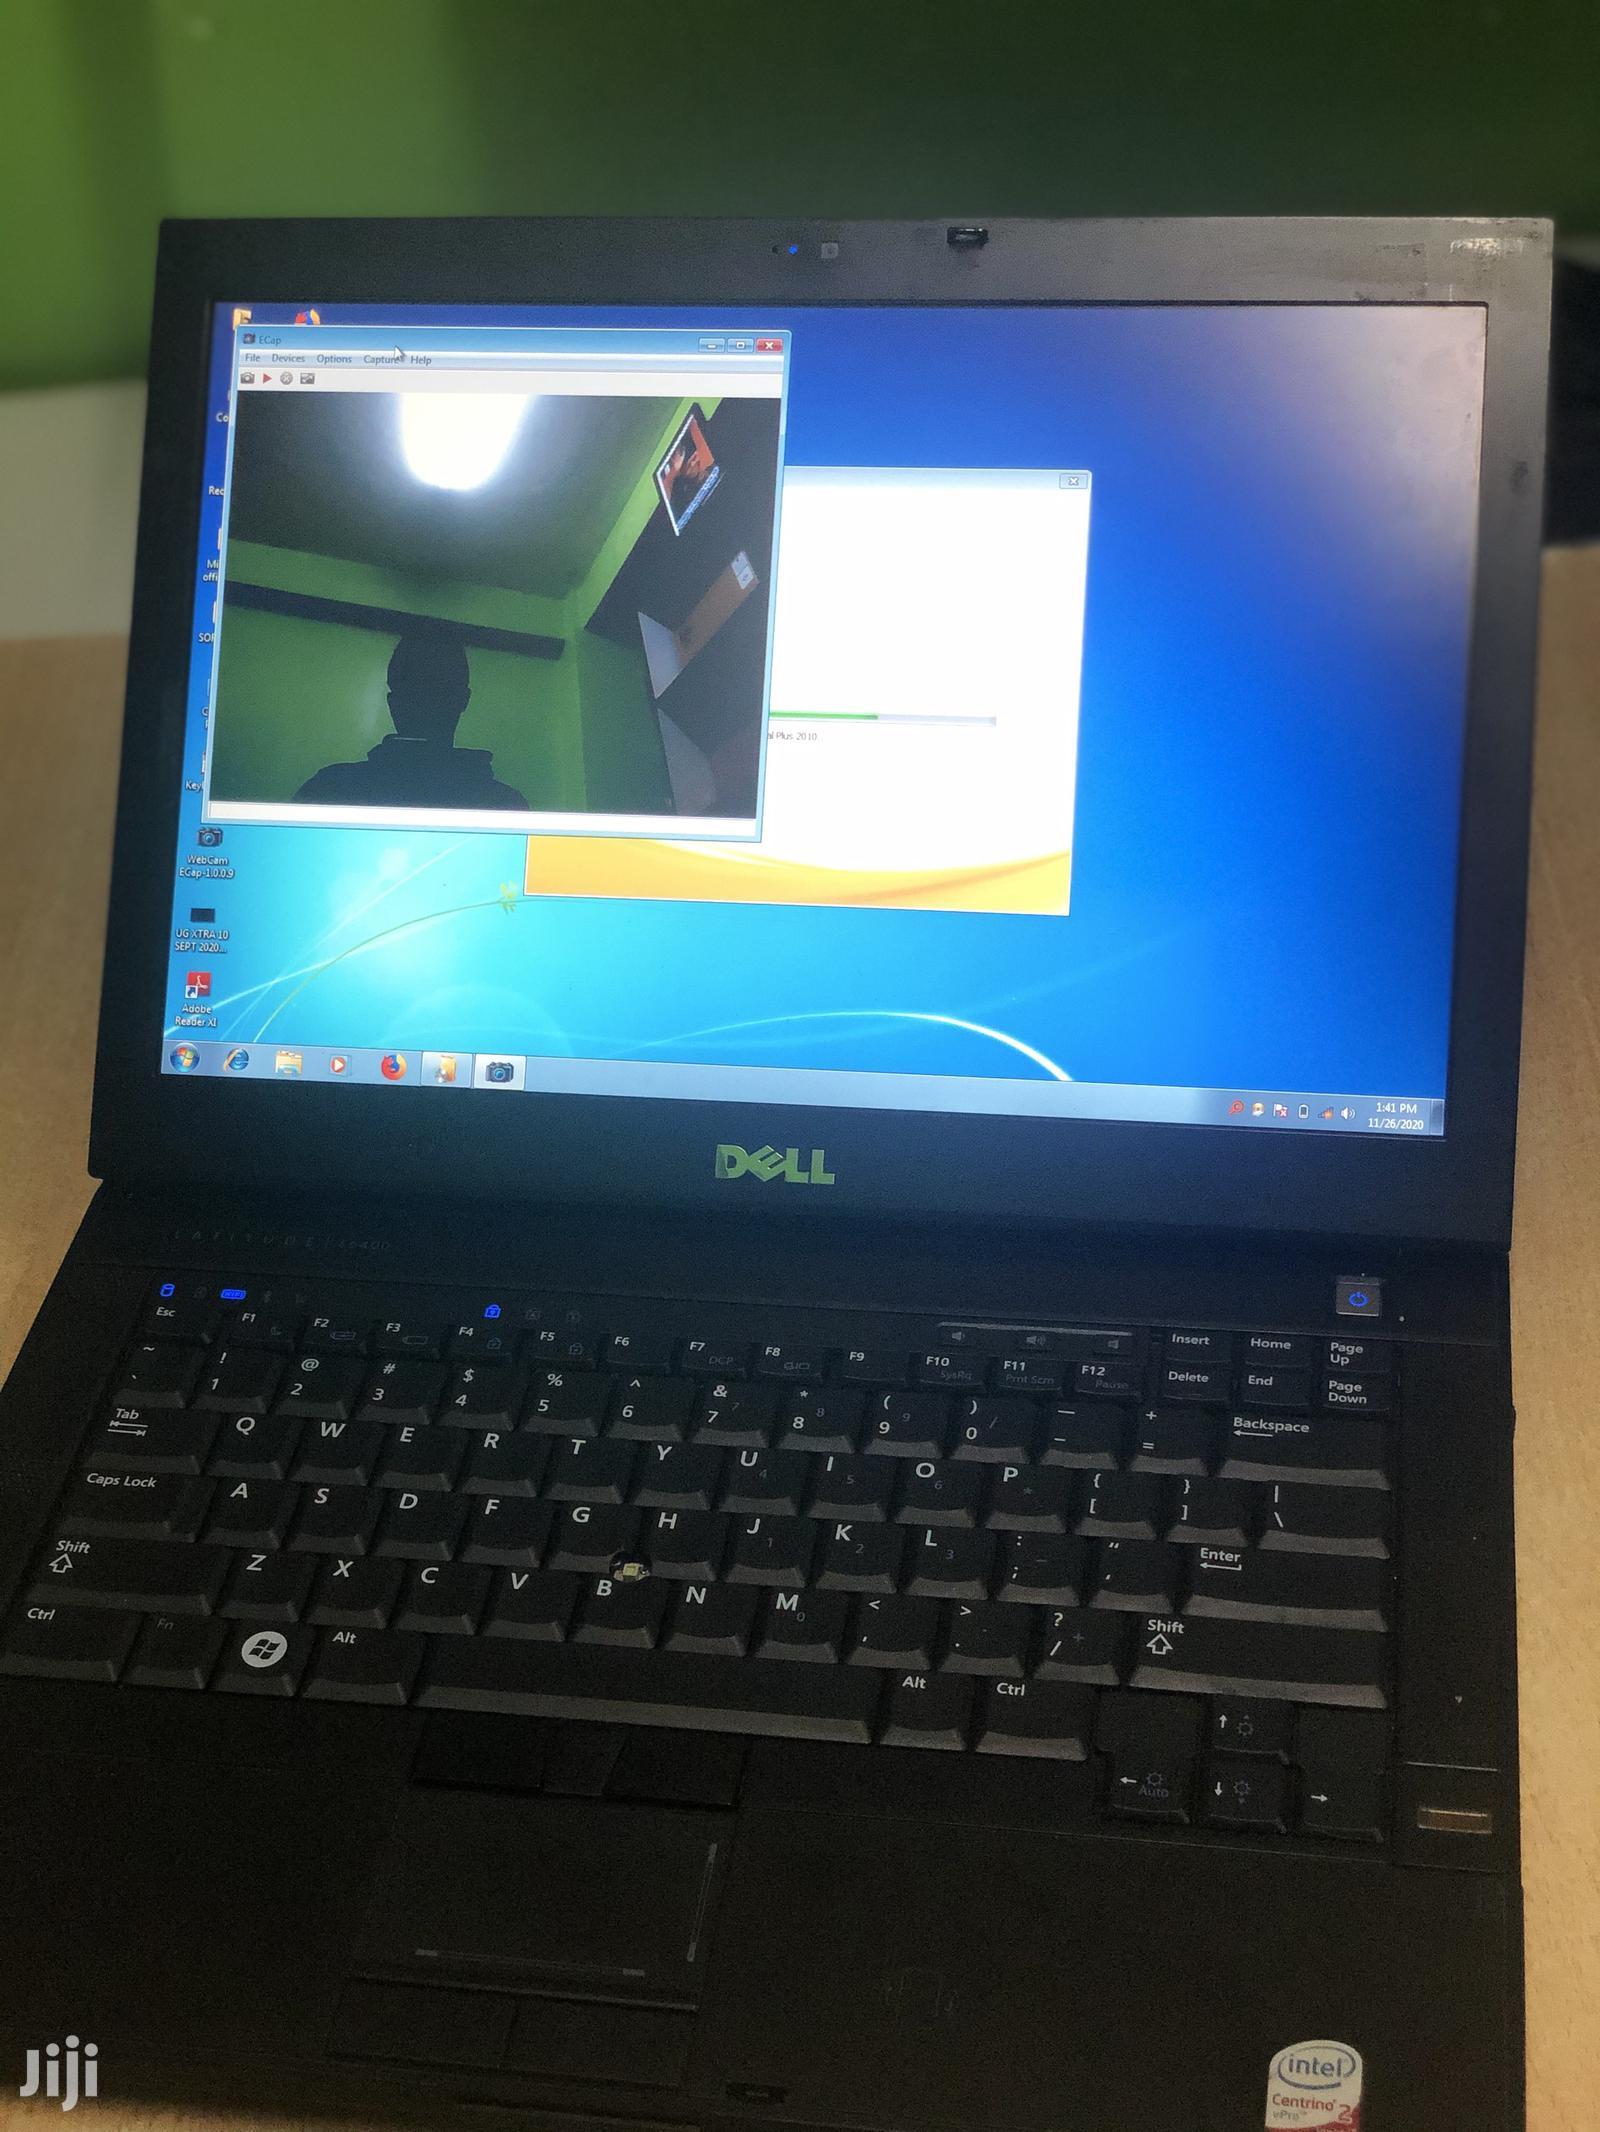 Archive: Laptop Dell Latitude E6400 2GB Intel Core 2 Duo HDD 250GB